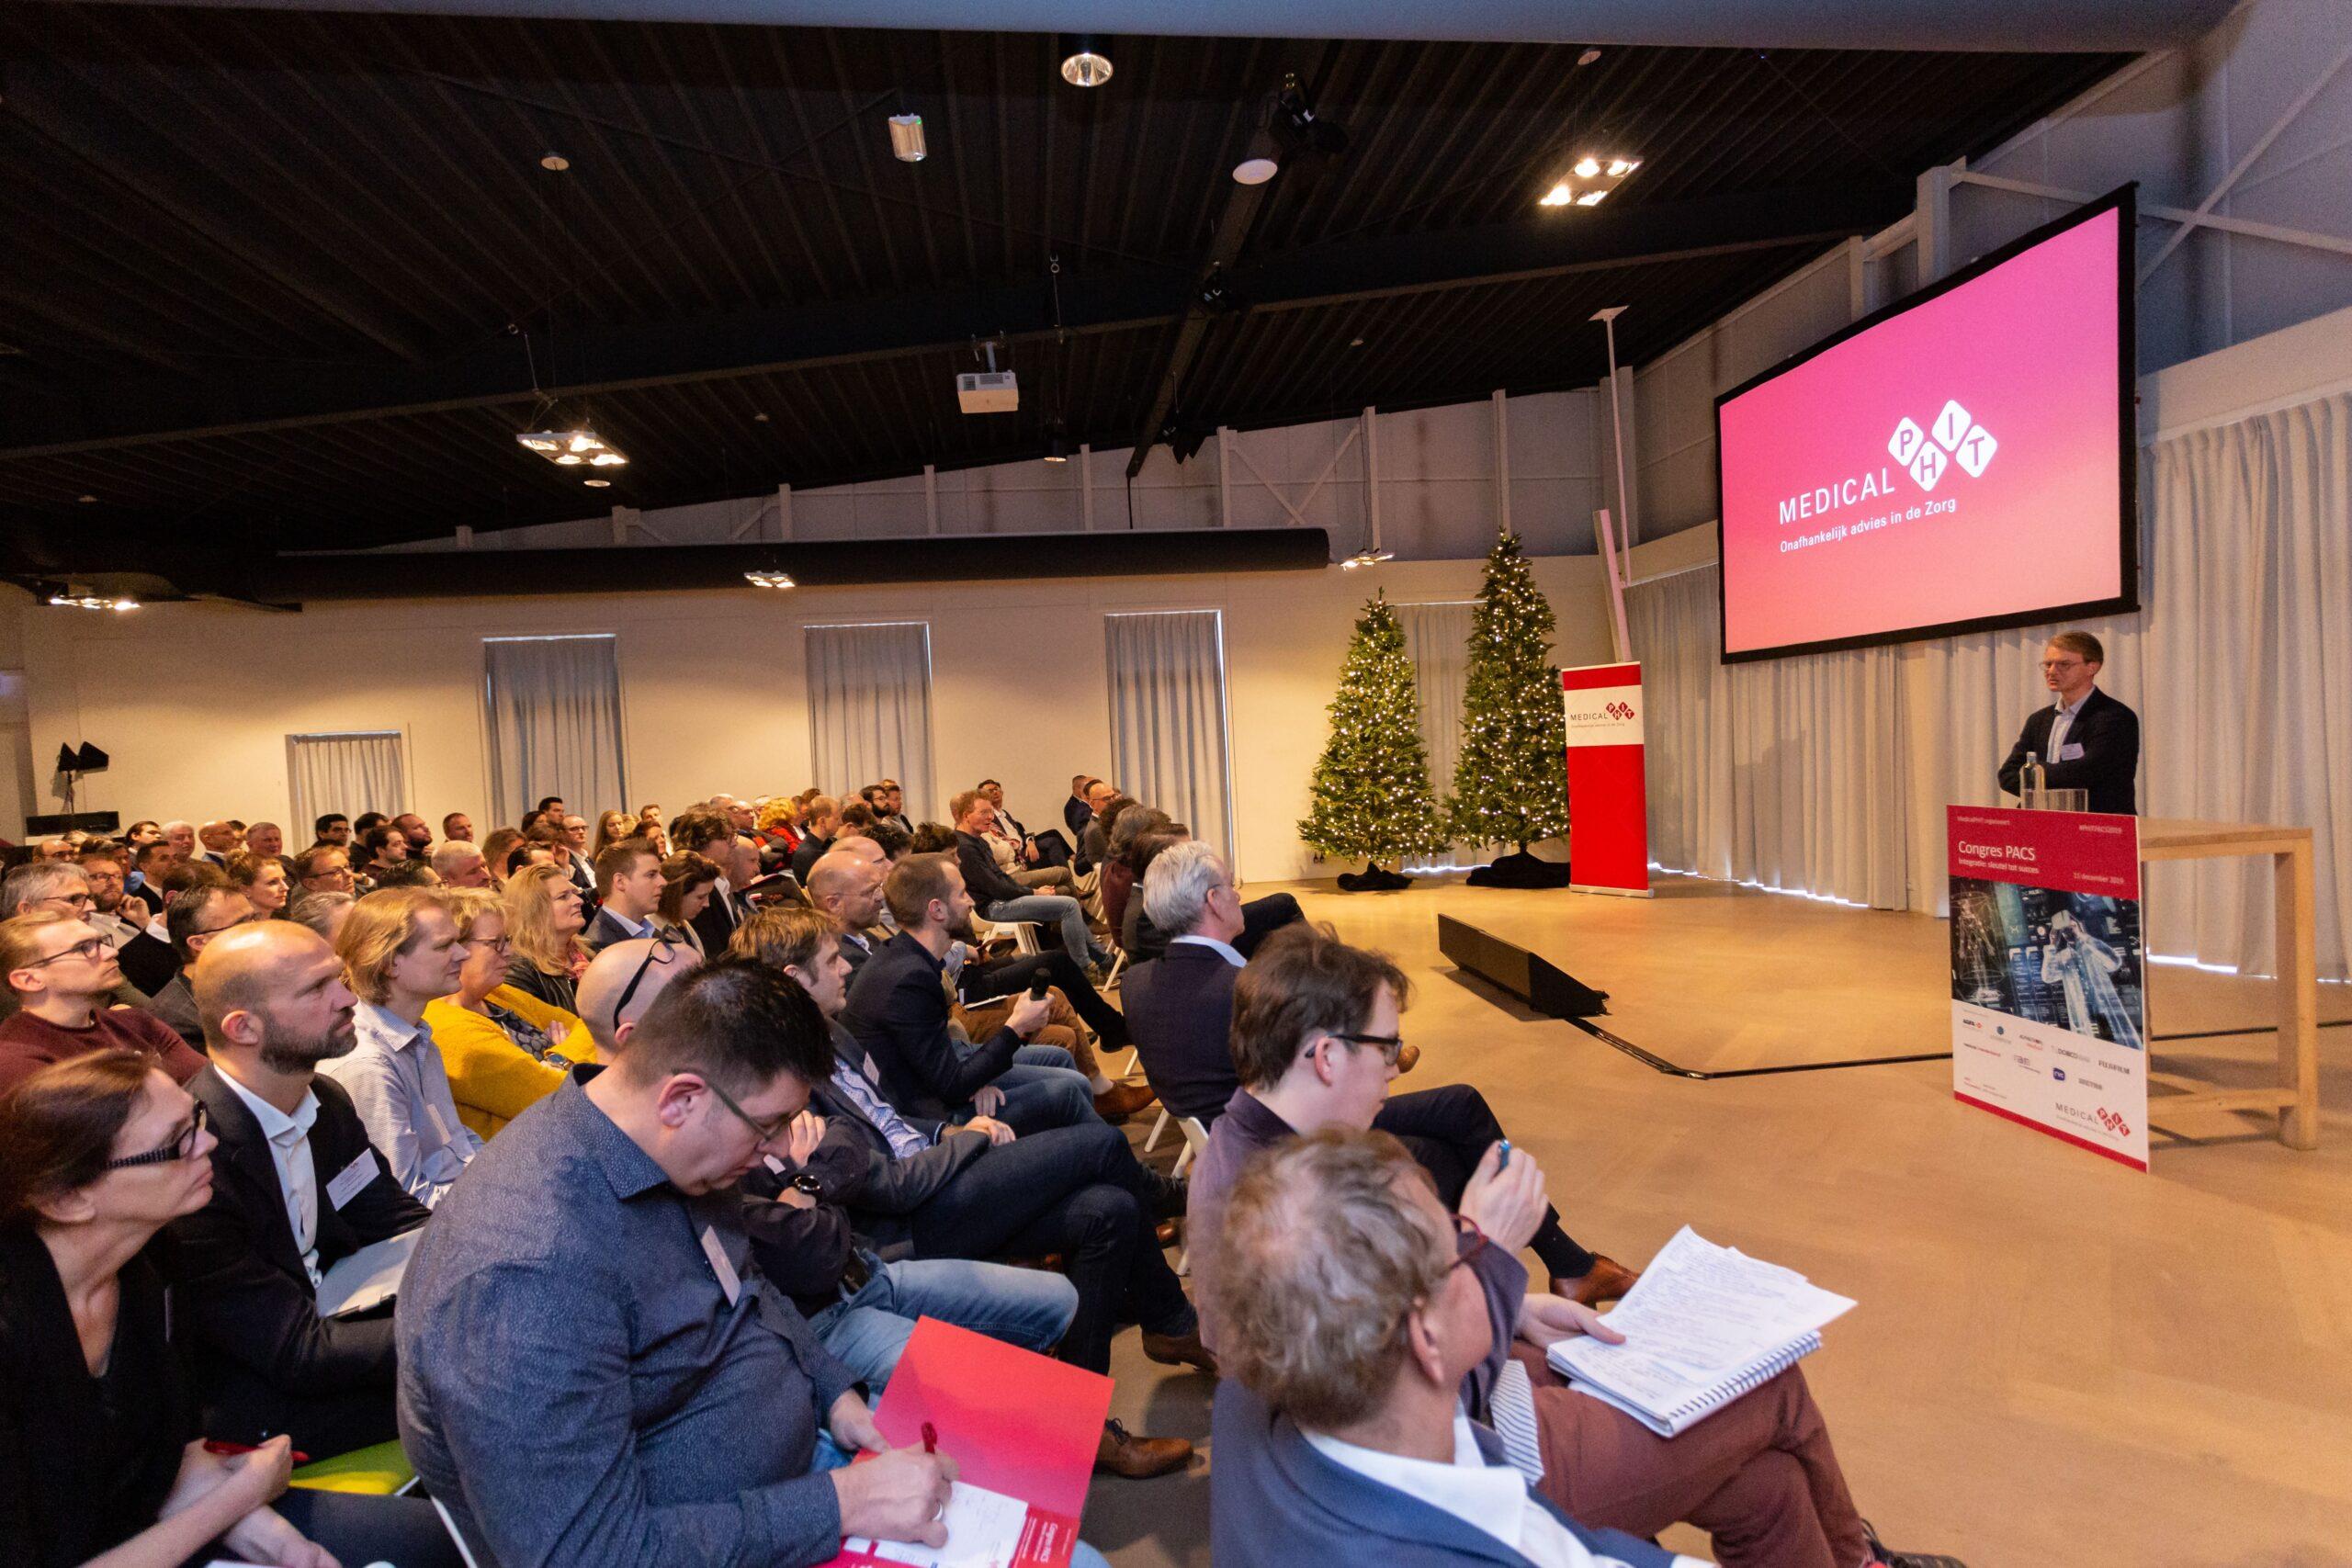 mensen op een congres kijken naar spreker